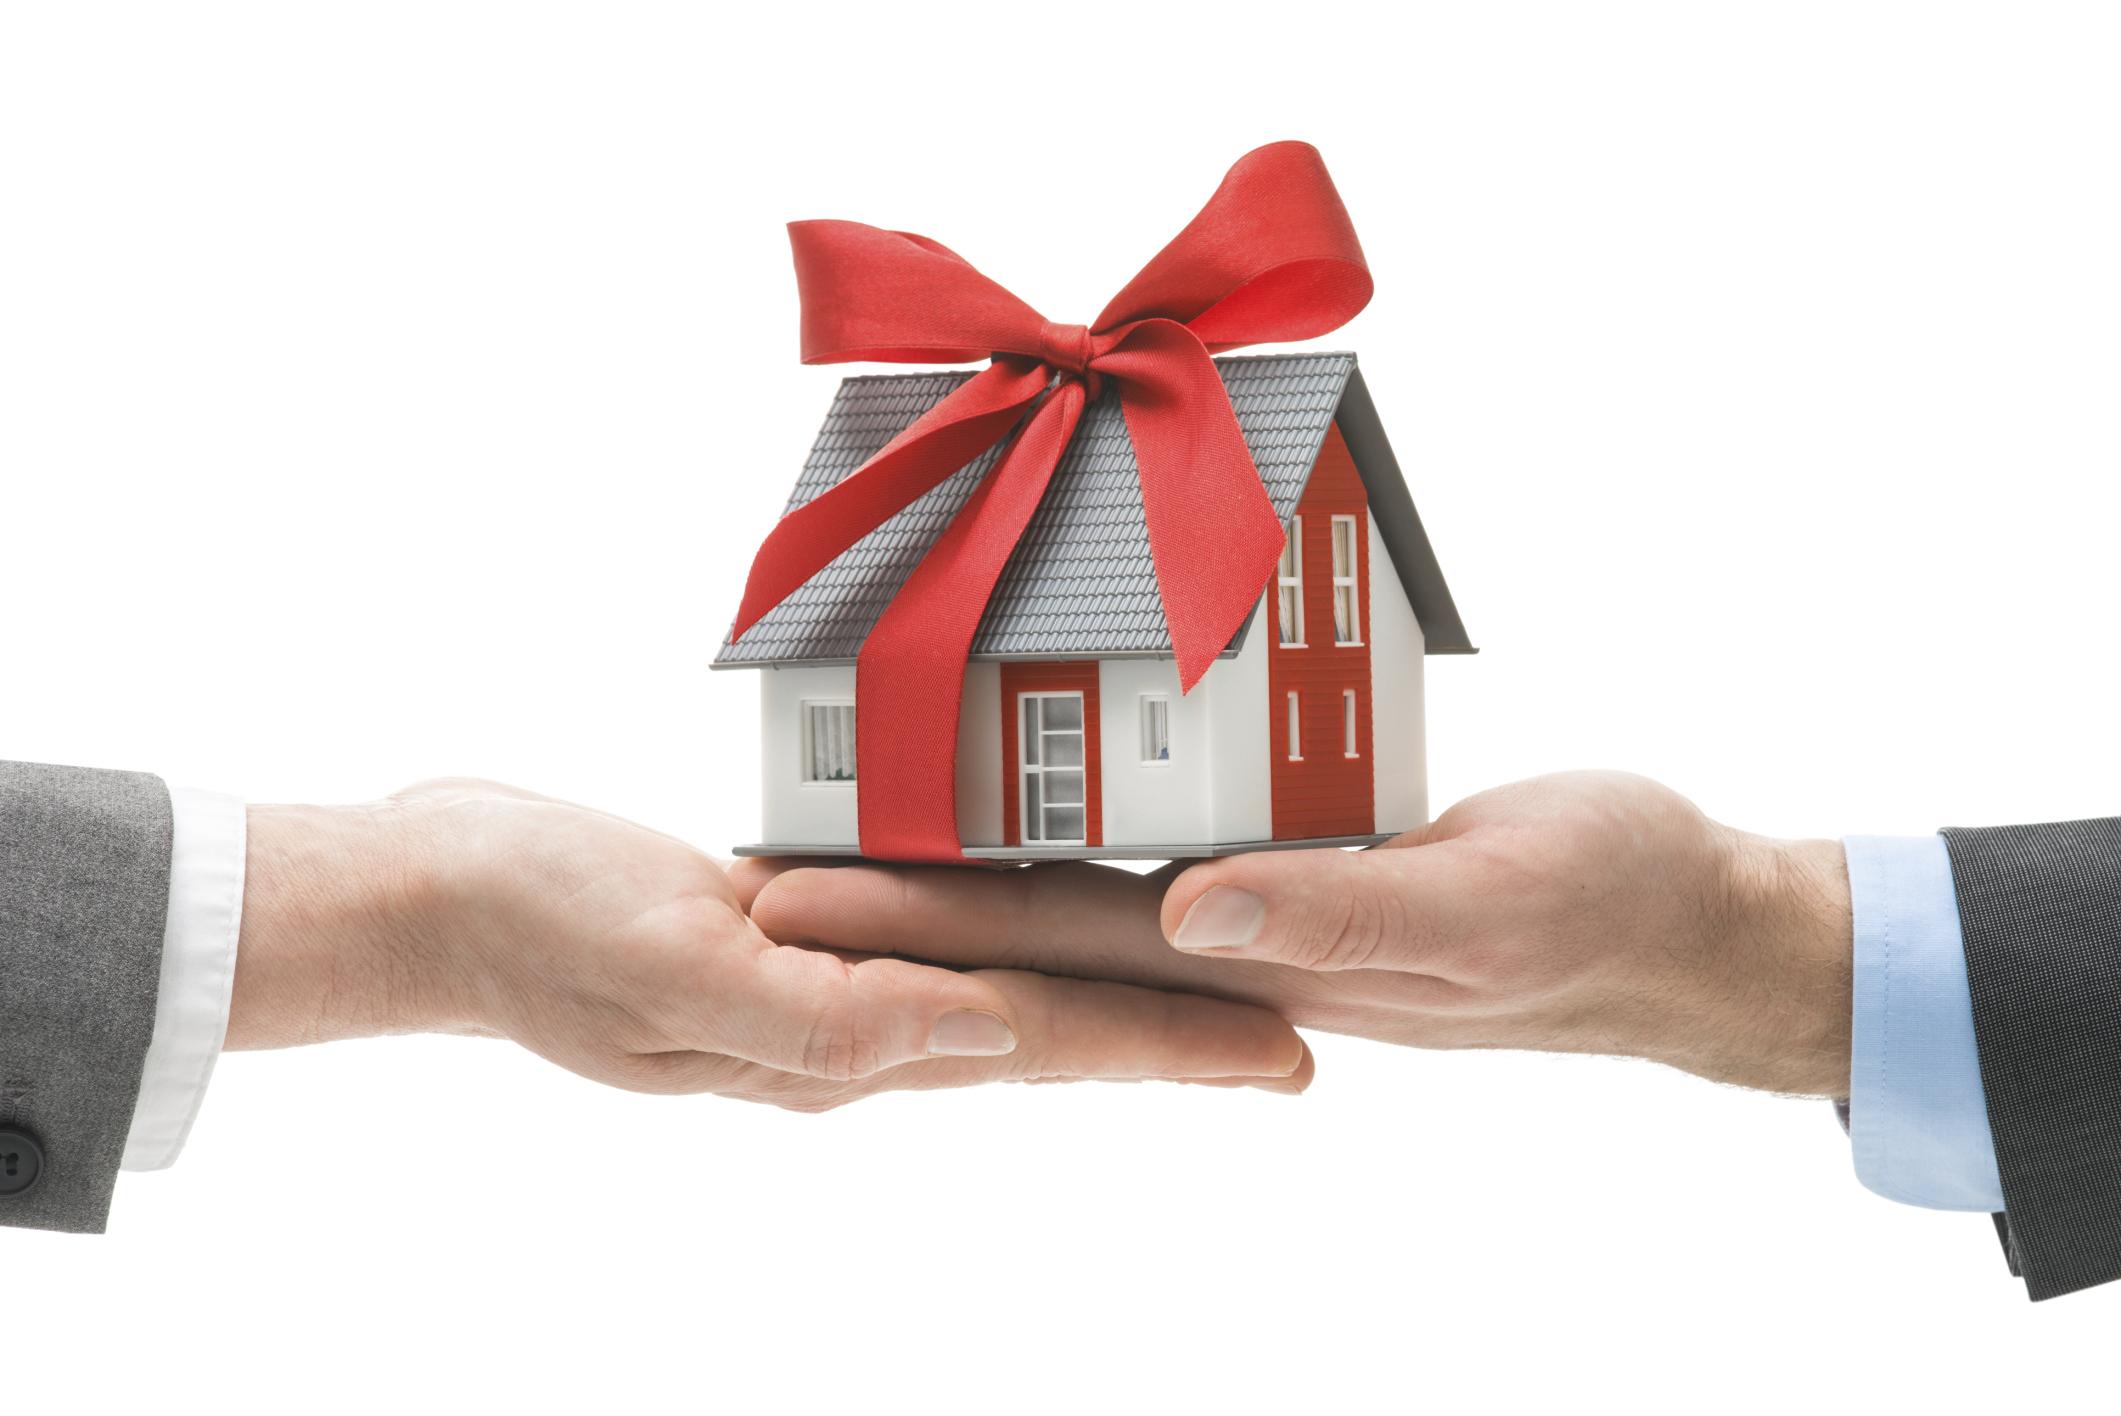 Можно ли расторгнуть договор дарения квартиры в 2019 году: расторжение дарственной